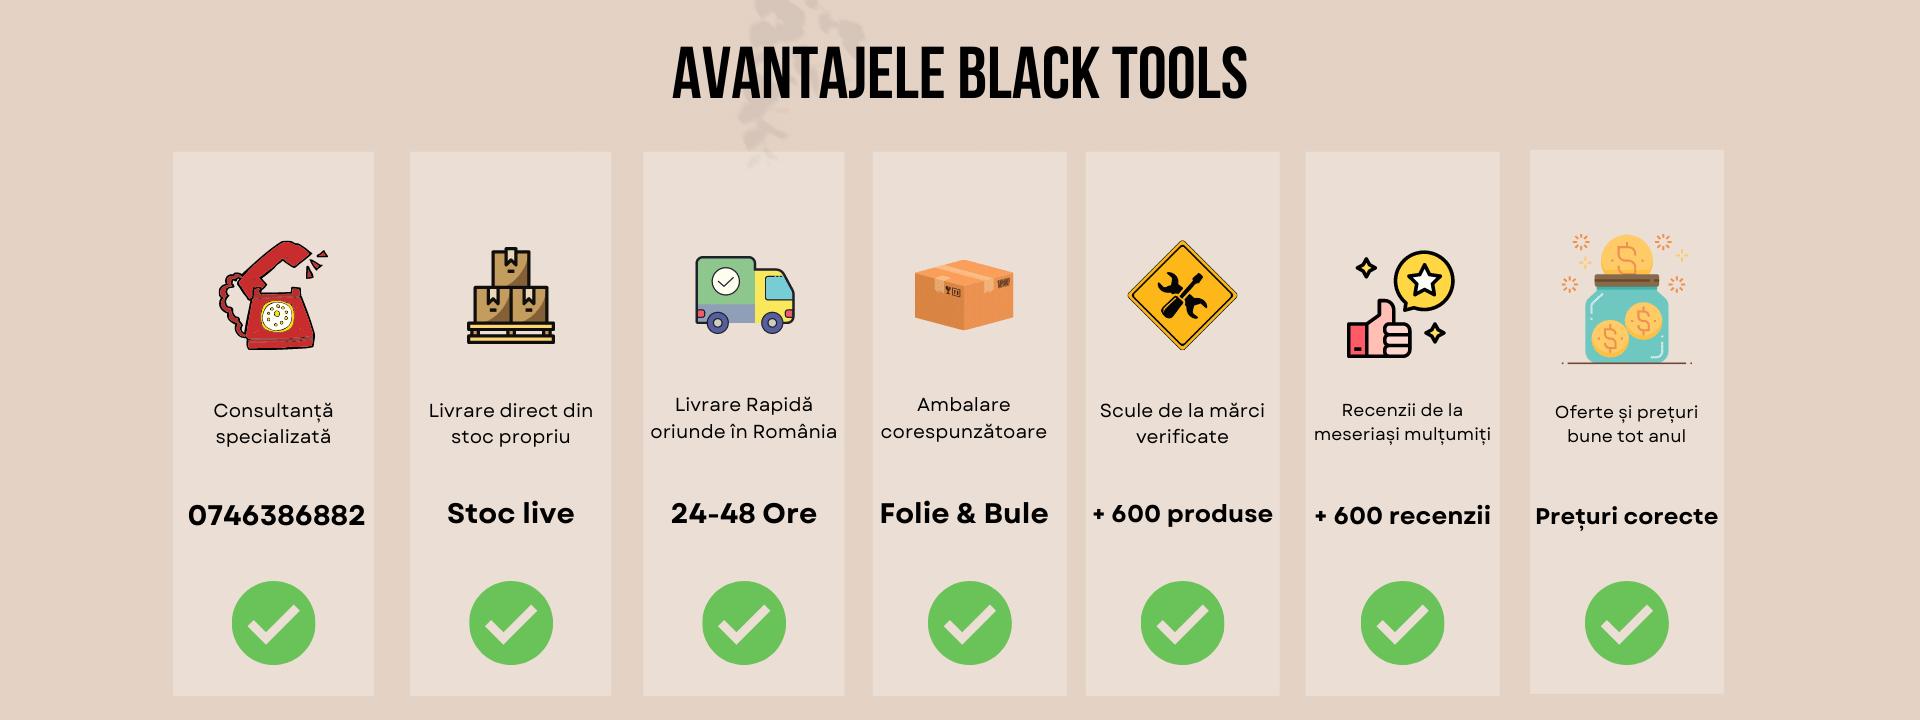 Avantajele black tools